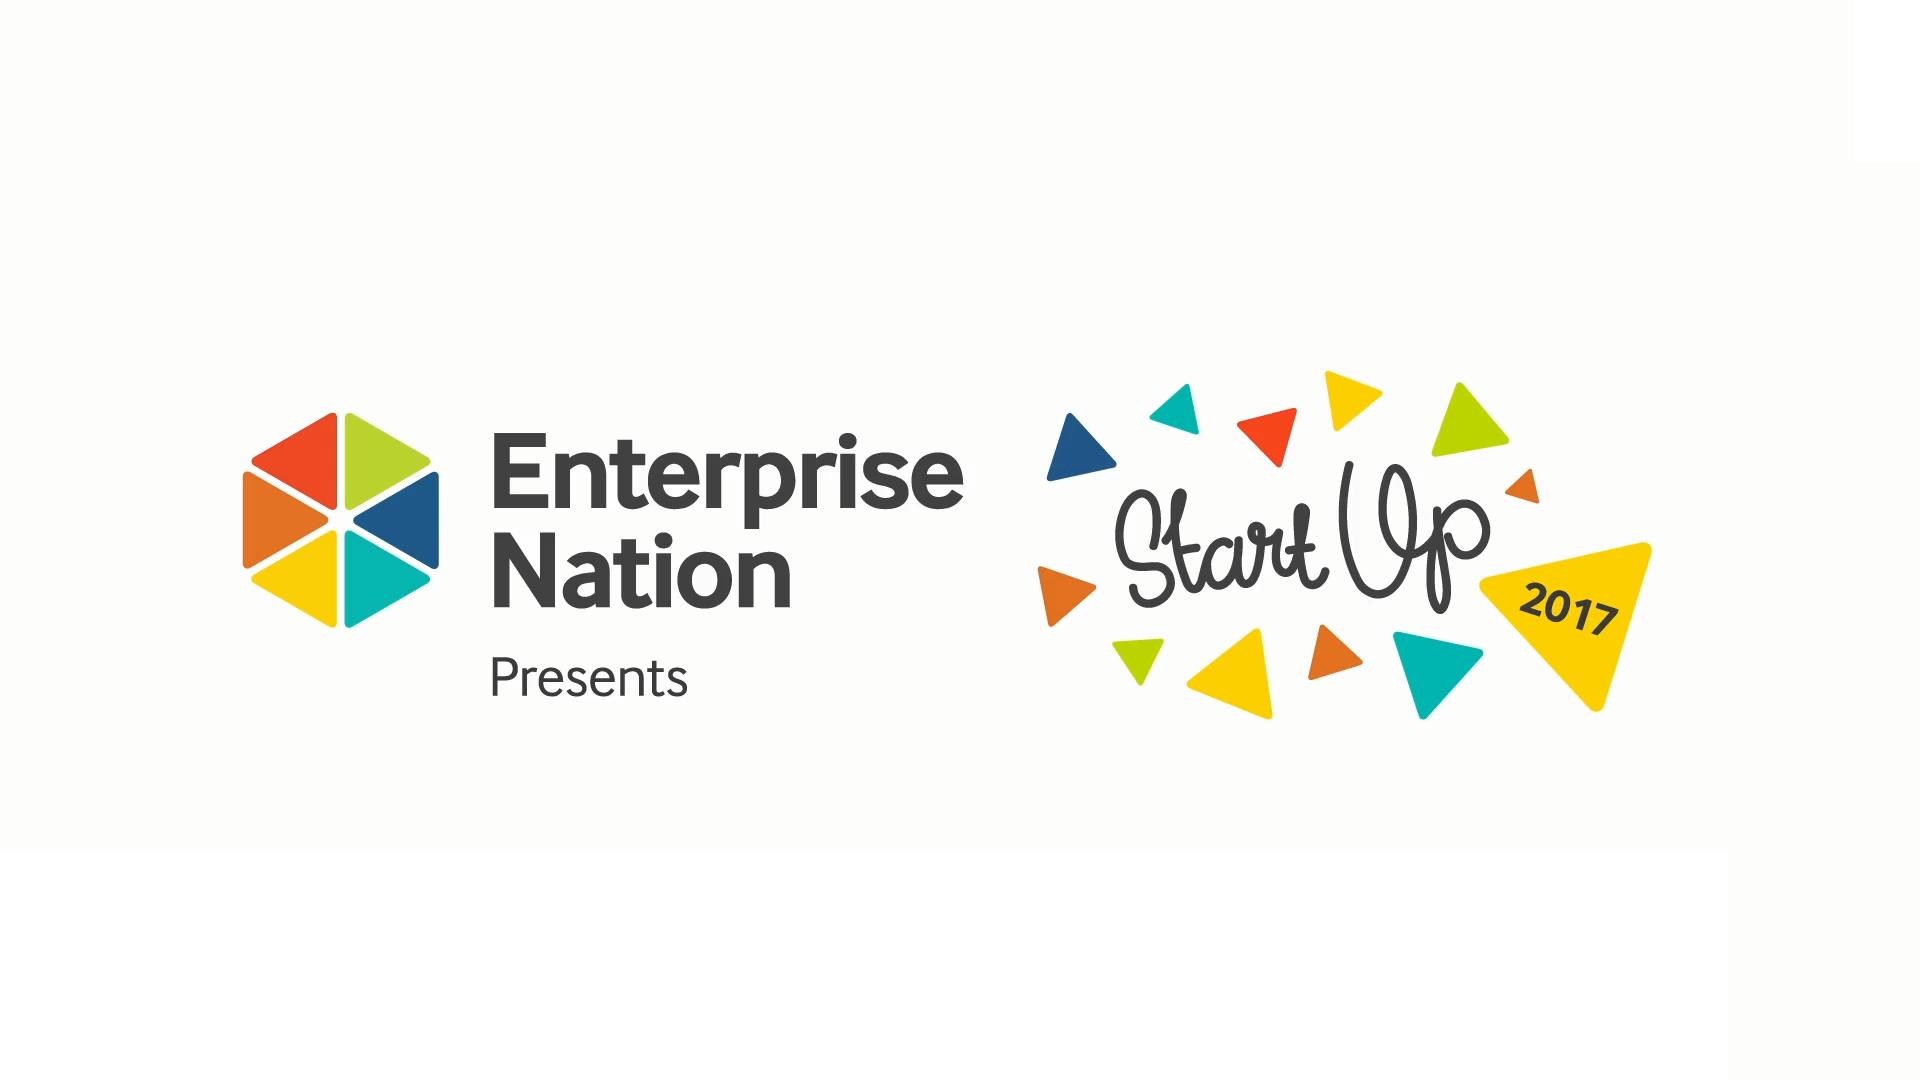 Enterprise Nation – Startup 2017